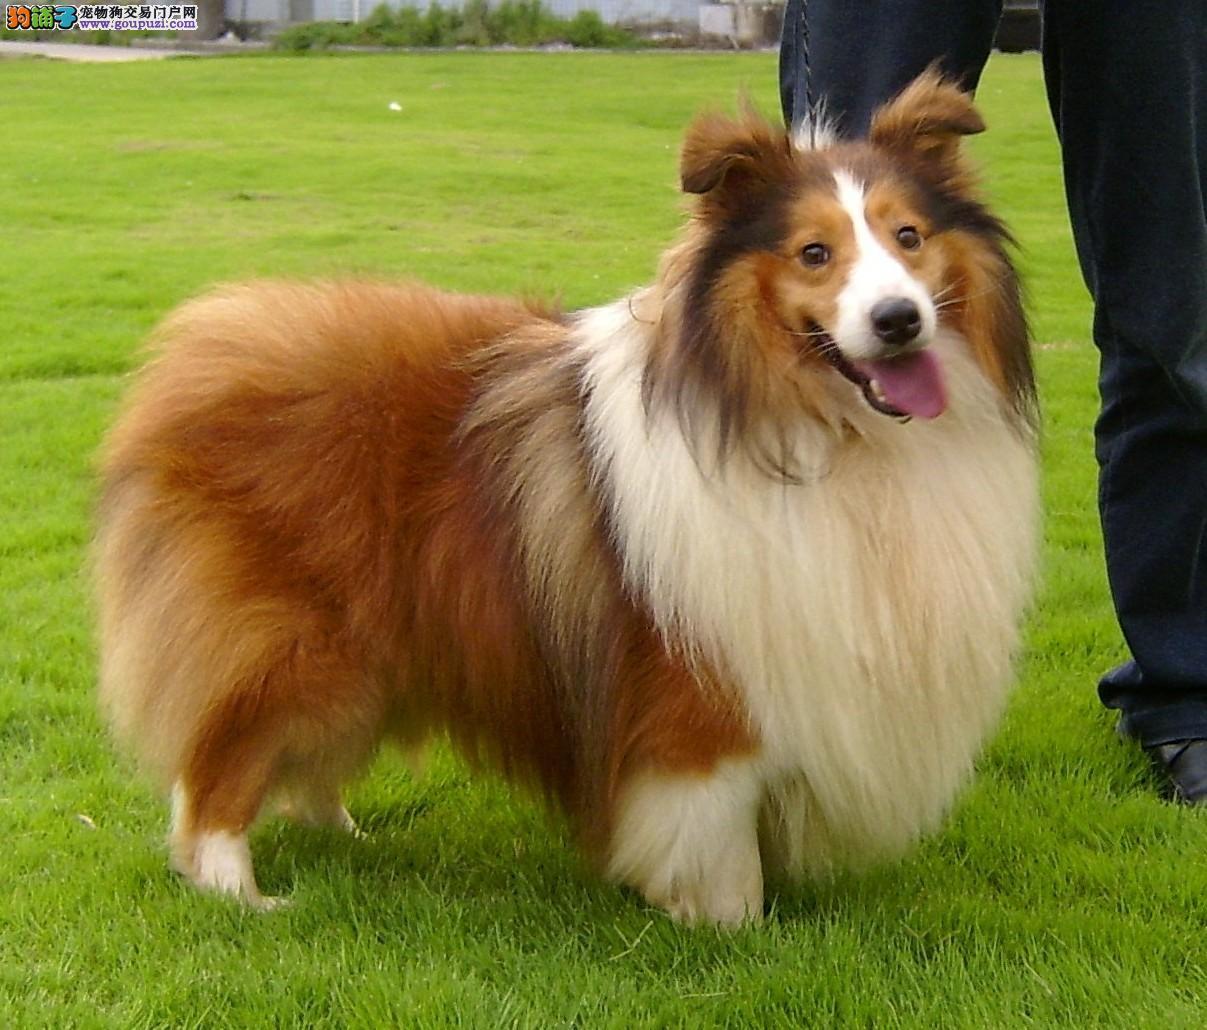 权威机构认证犬舍 专业培育喜乐蒂幼犬加微信送用品